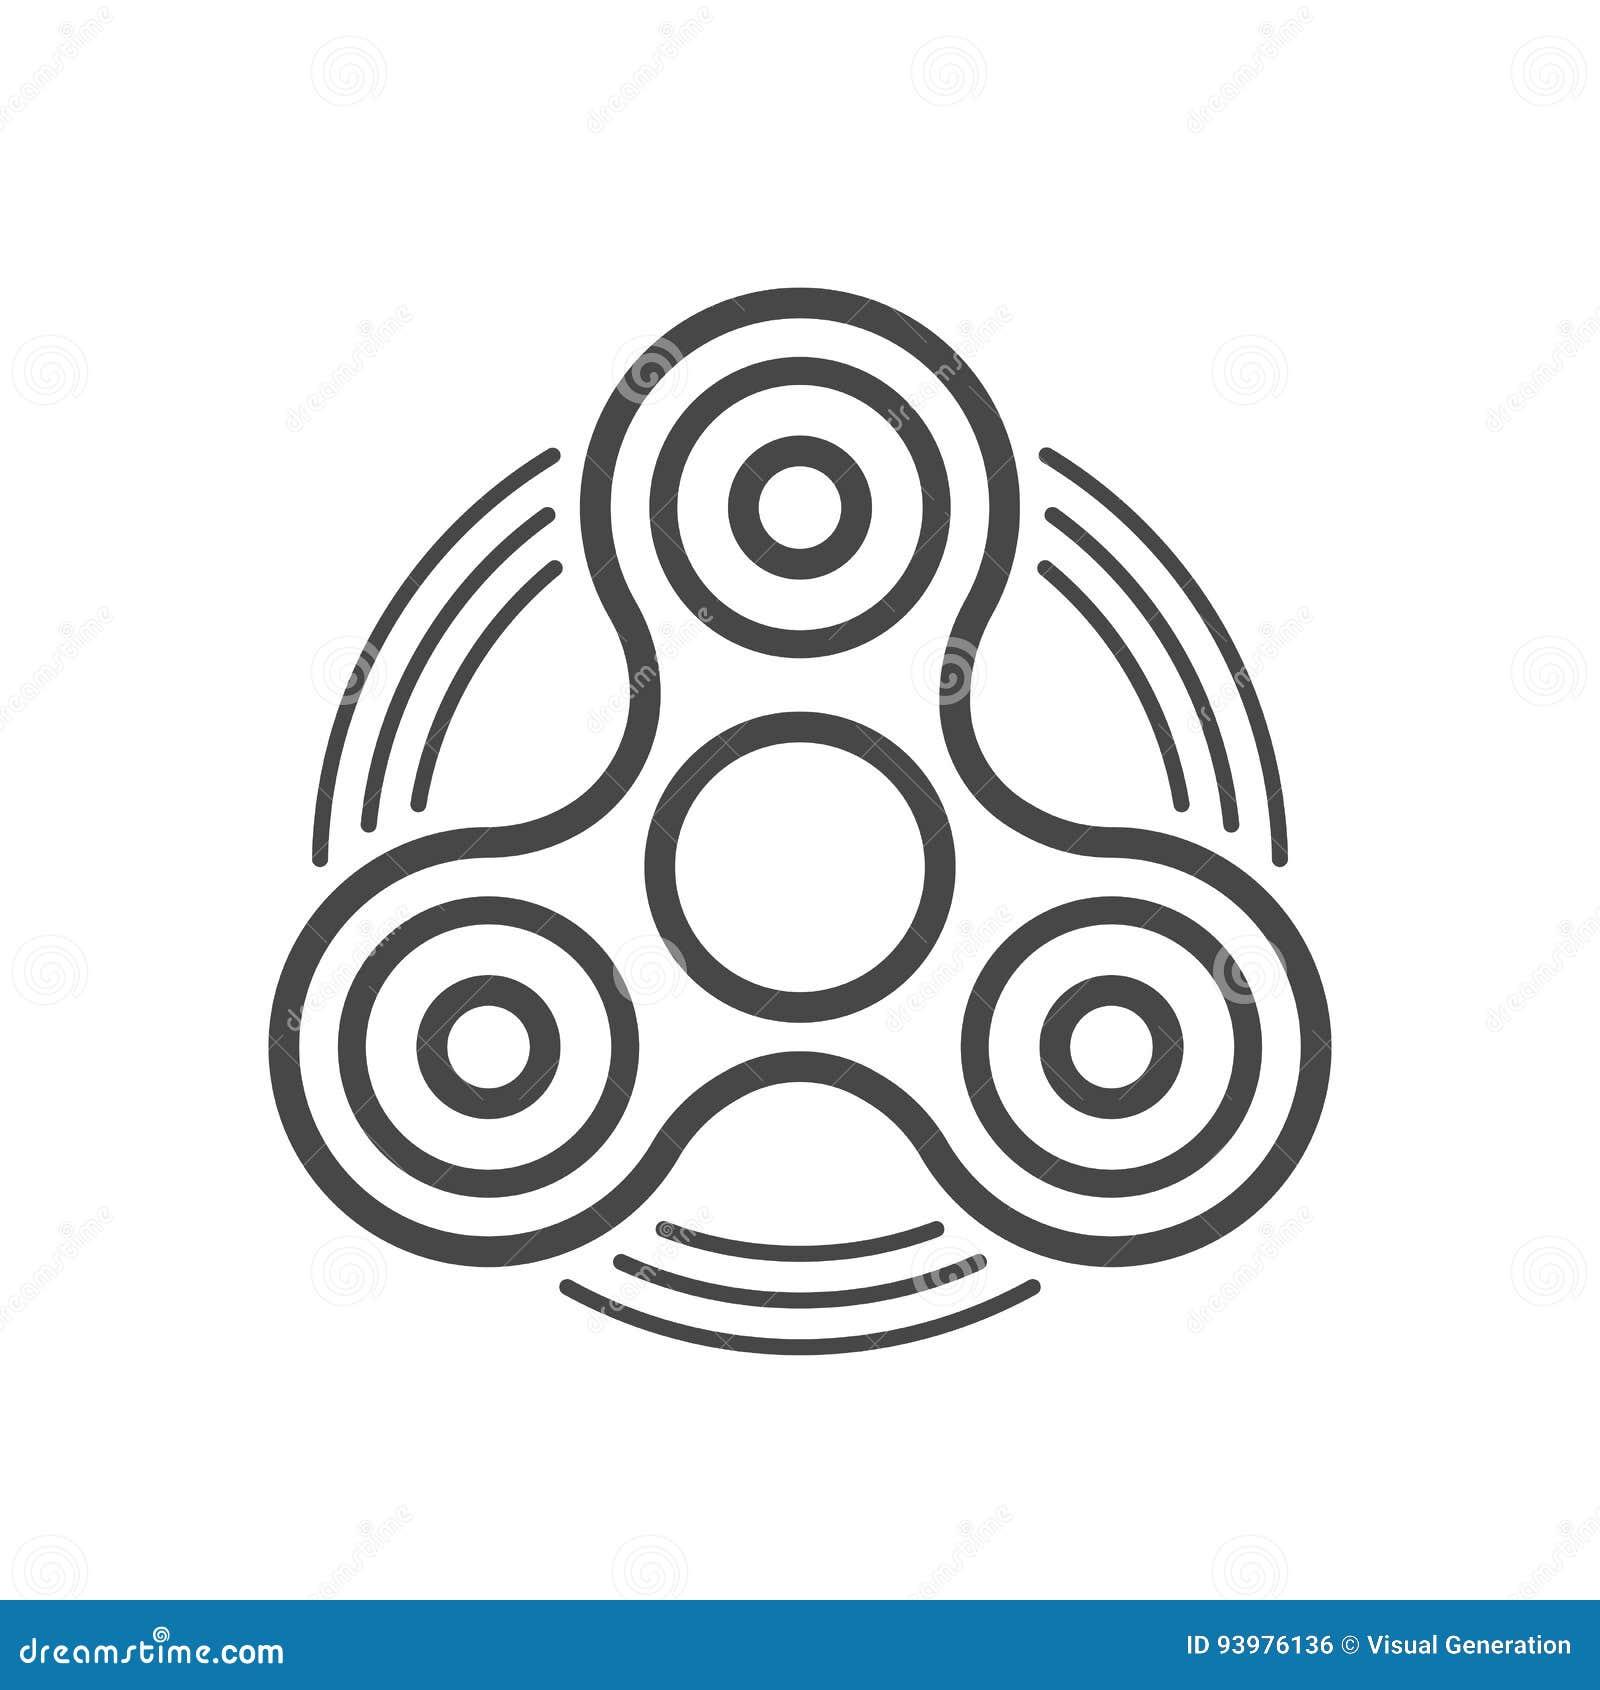 Ausmalbilder Fidget Spinner: Fidget Spinner Line Vector Icon. Stock Vector